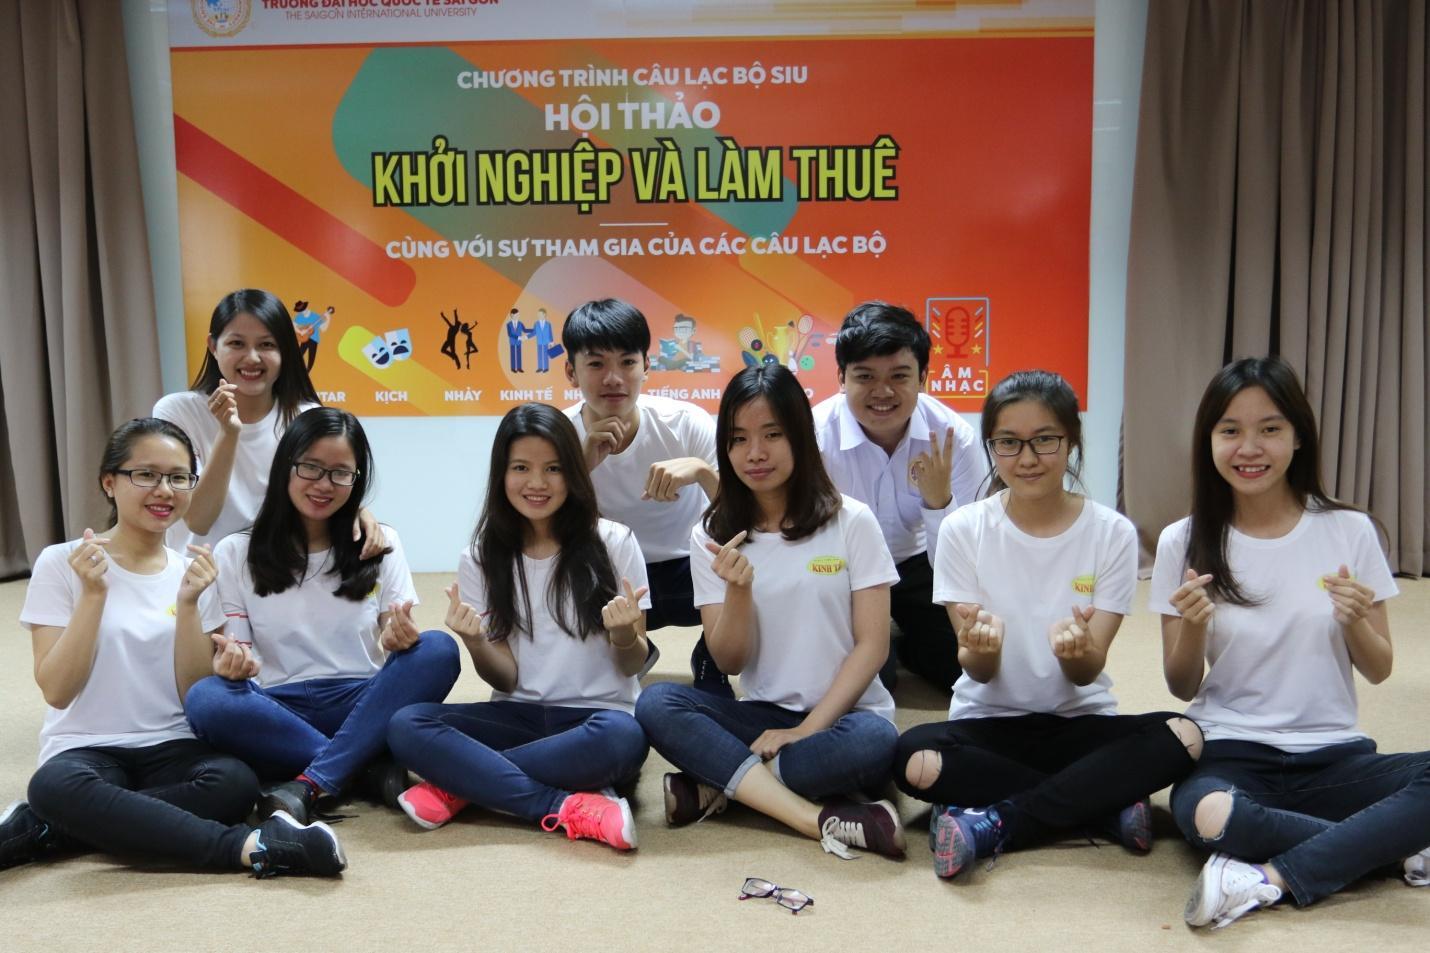 Đại học Quốc tế Sài Gòn (SIU) công bố xét tuyển bổ sung năm 2018 - Ảnh 5.